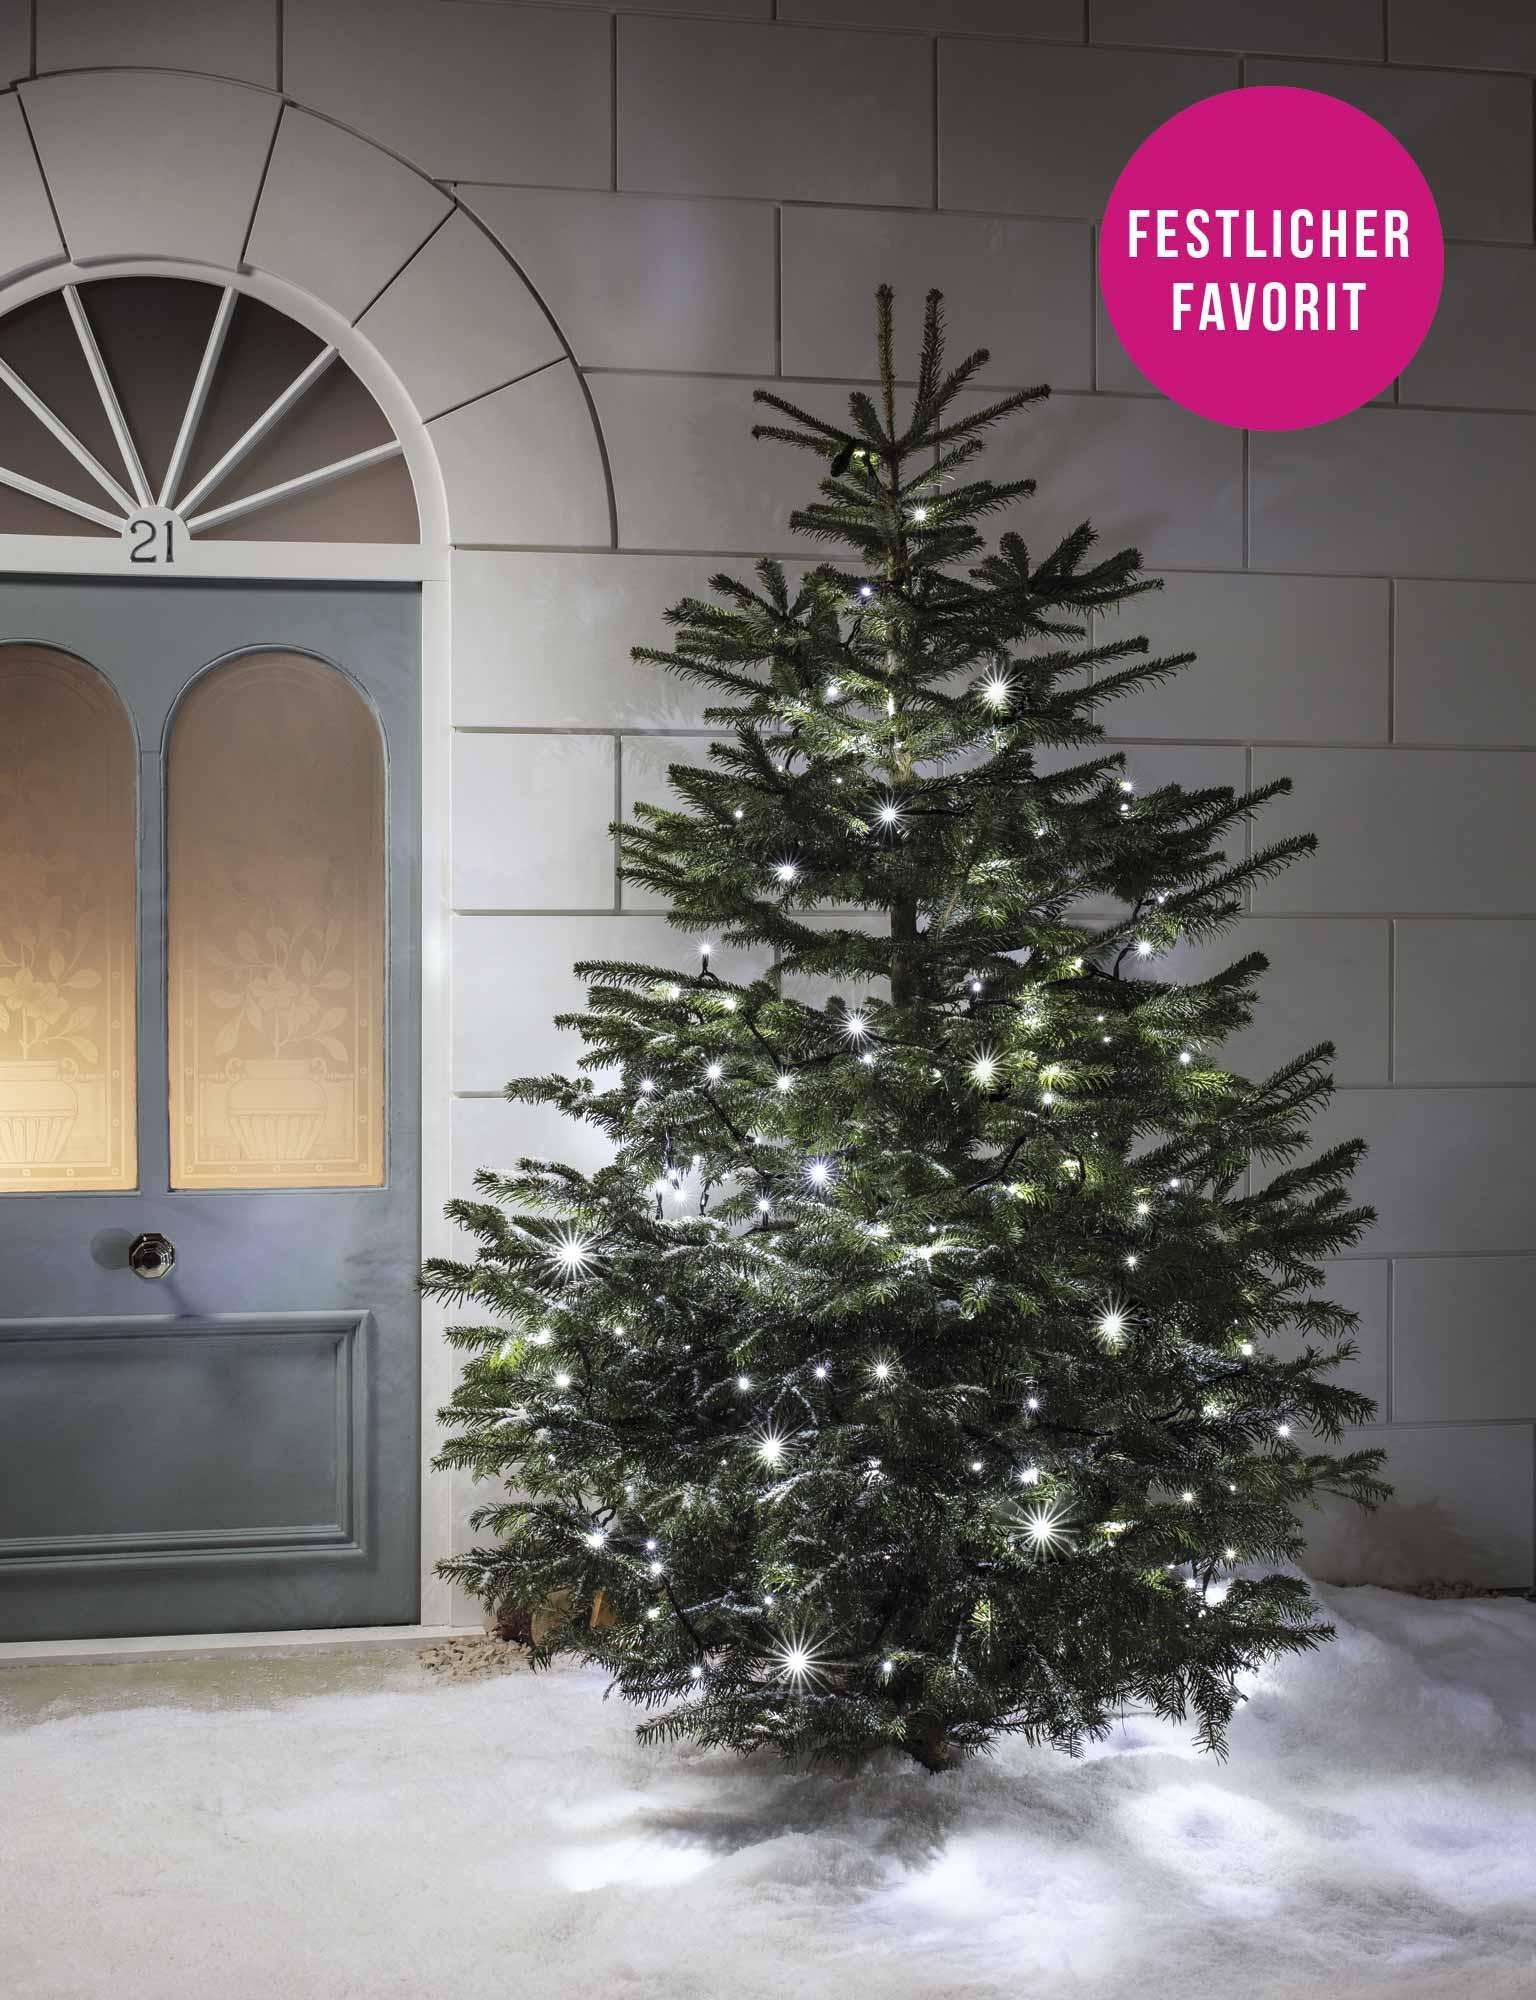 Lichterkette Weihnachtsbaum Außen.Wie Viele Lichter Für Meinen Weihnachtsbaum Lights4fun De